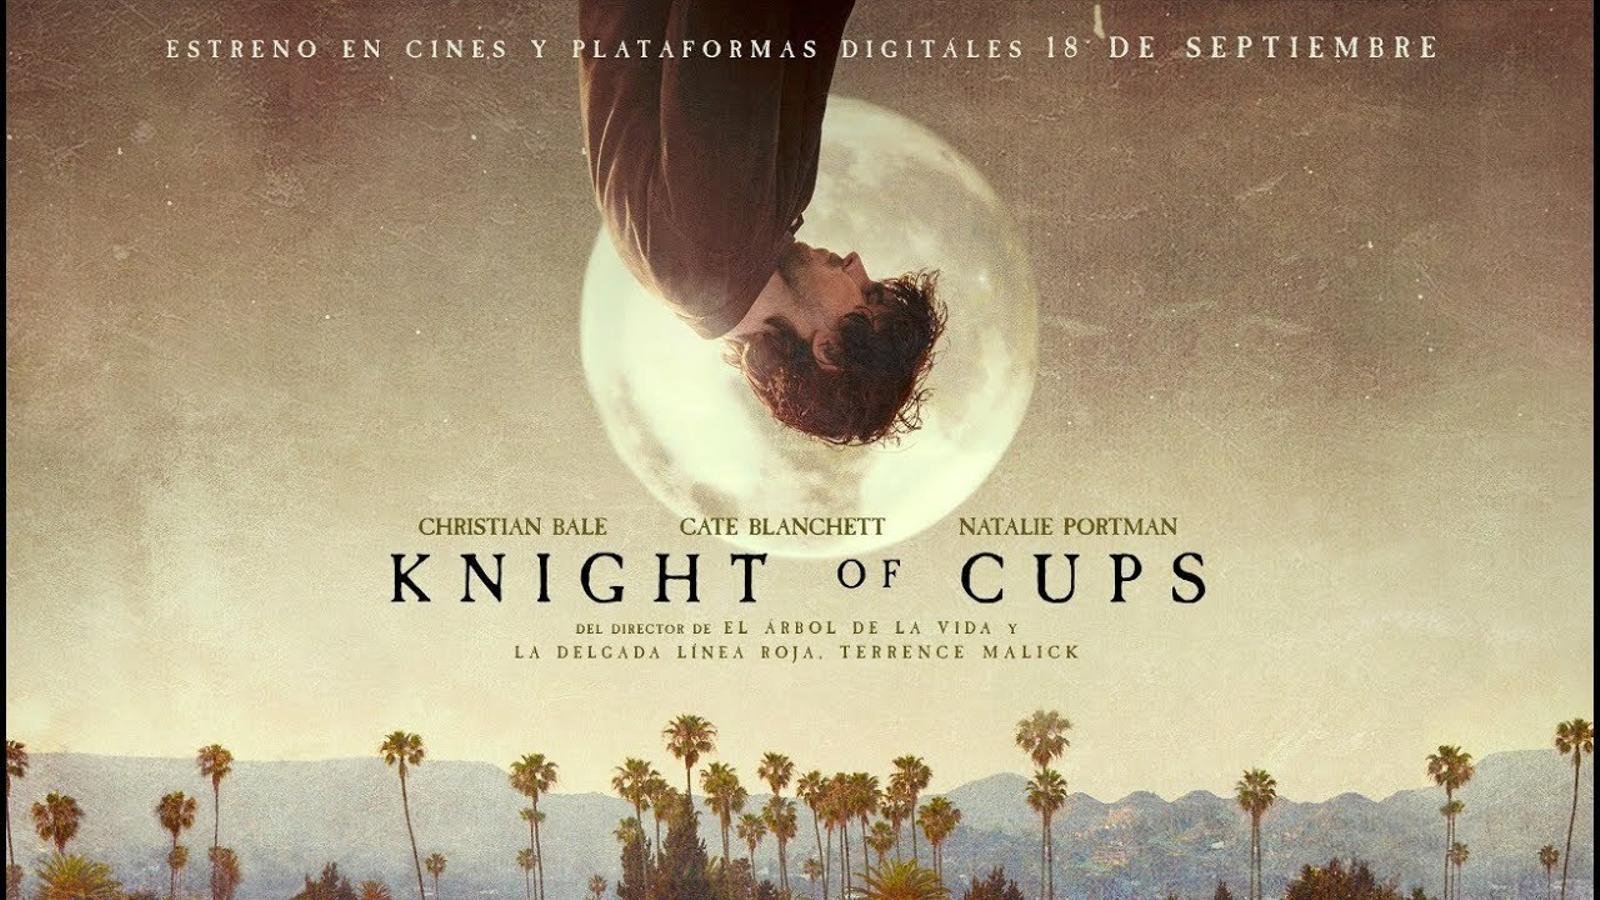 Tràiler de 'Knight of cups'